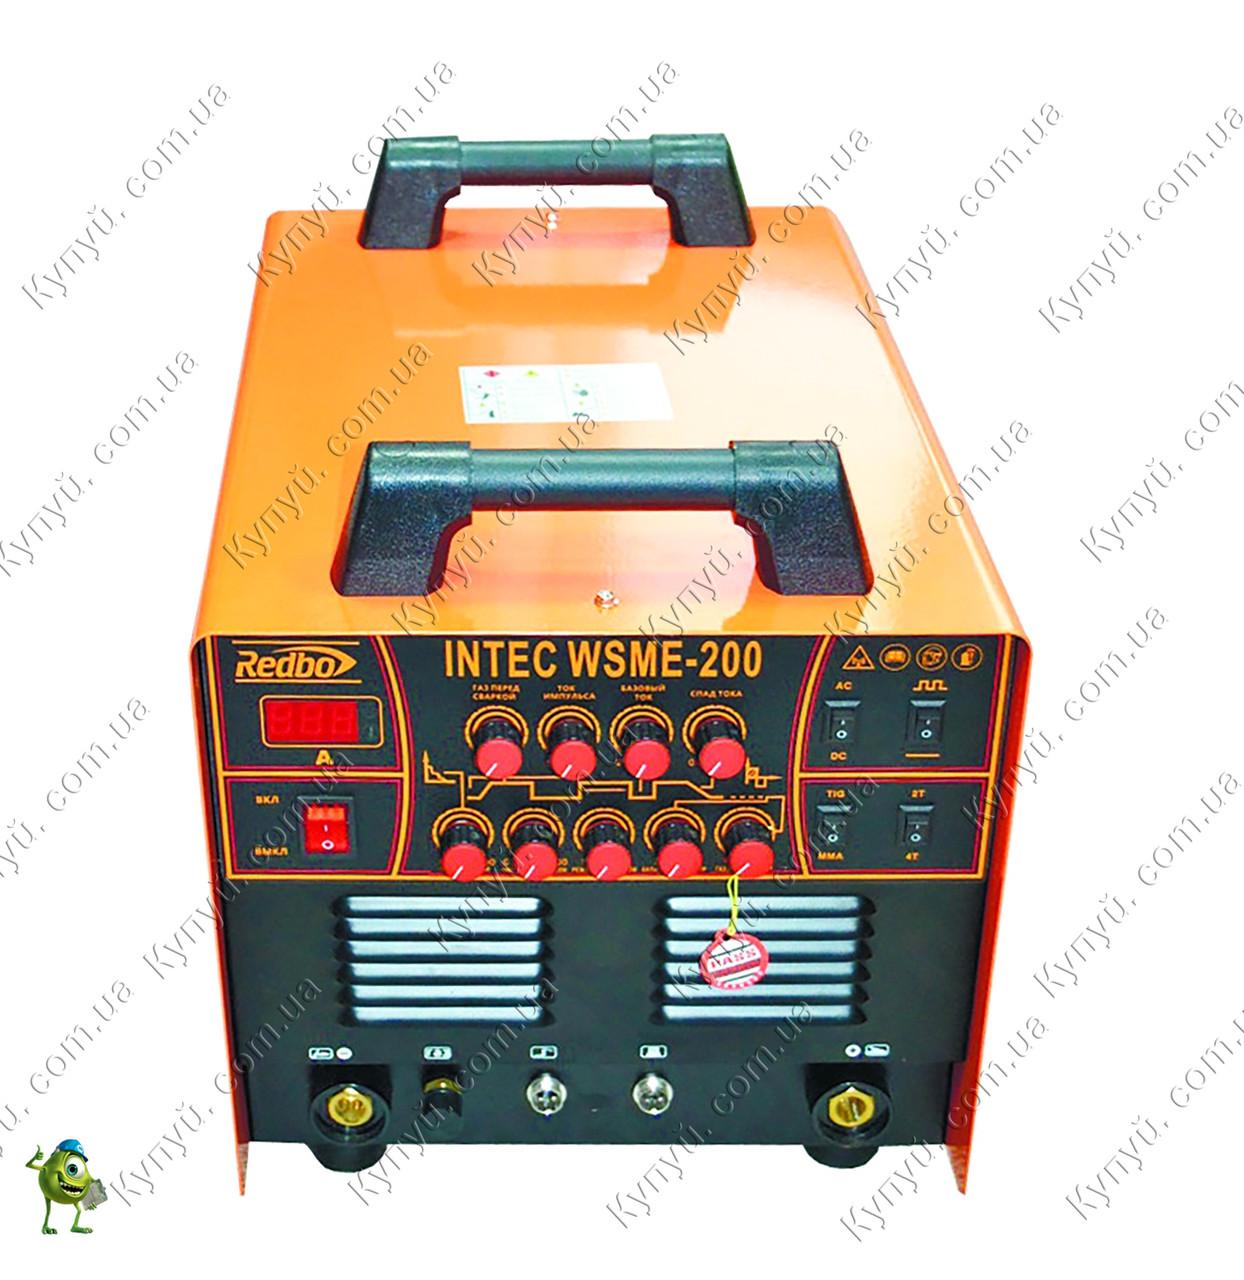 Аргонно-дуговой сварочный аппарат Redbo Intec WSME-200 AC/DC Pulse TIG/MMA